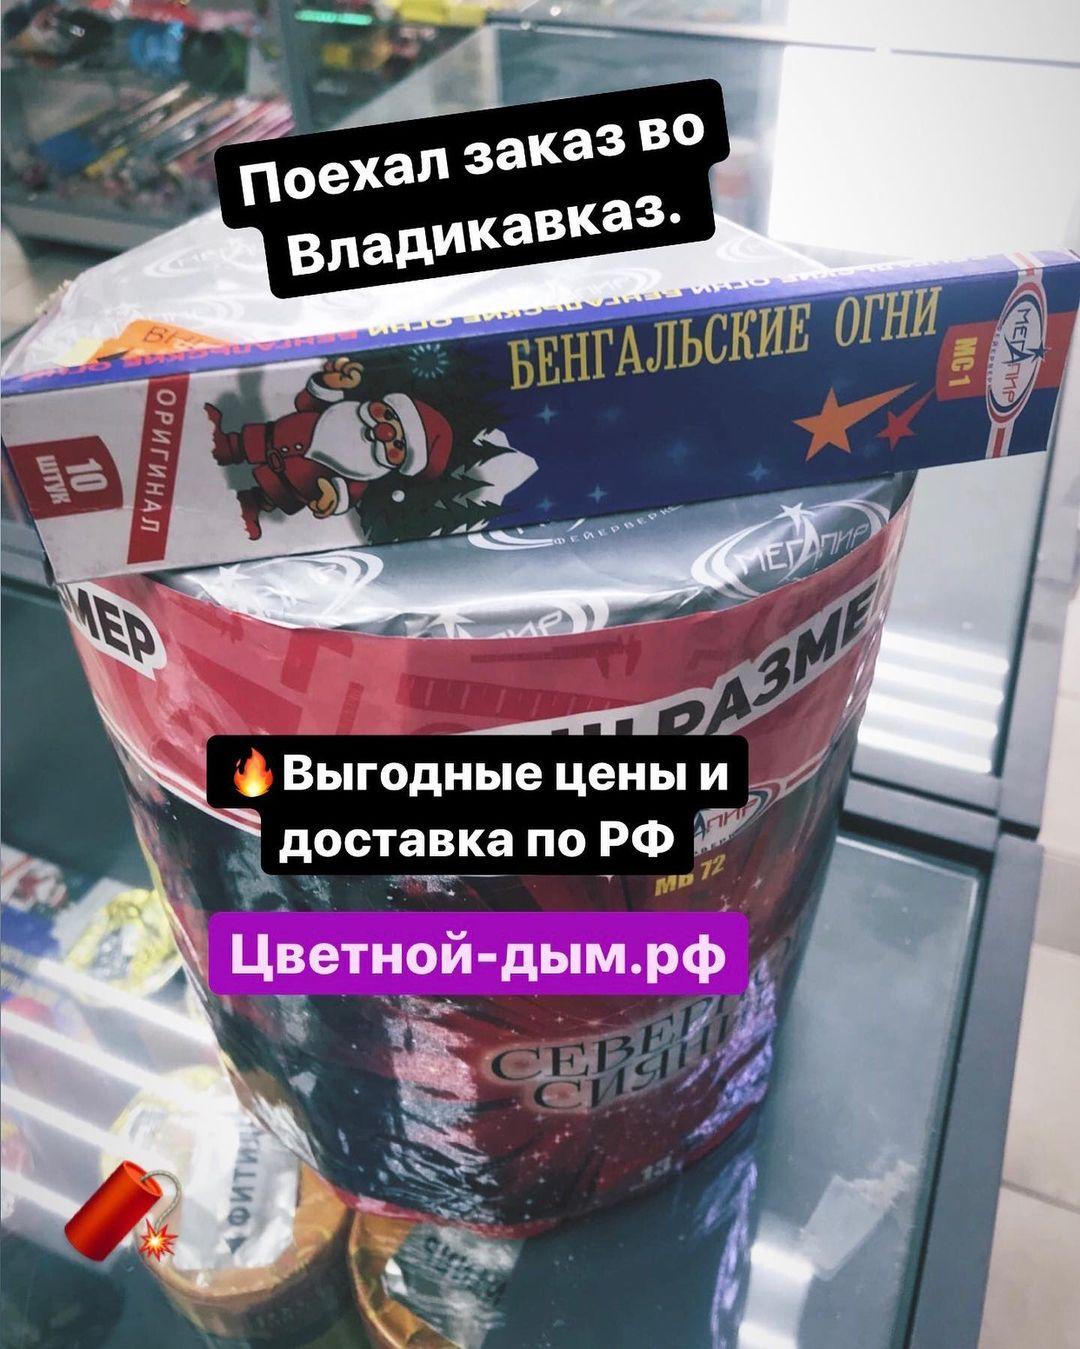 Фейерверк во Владикавказ - Цветной-дым.рф отзывы